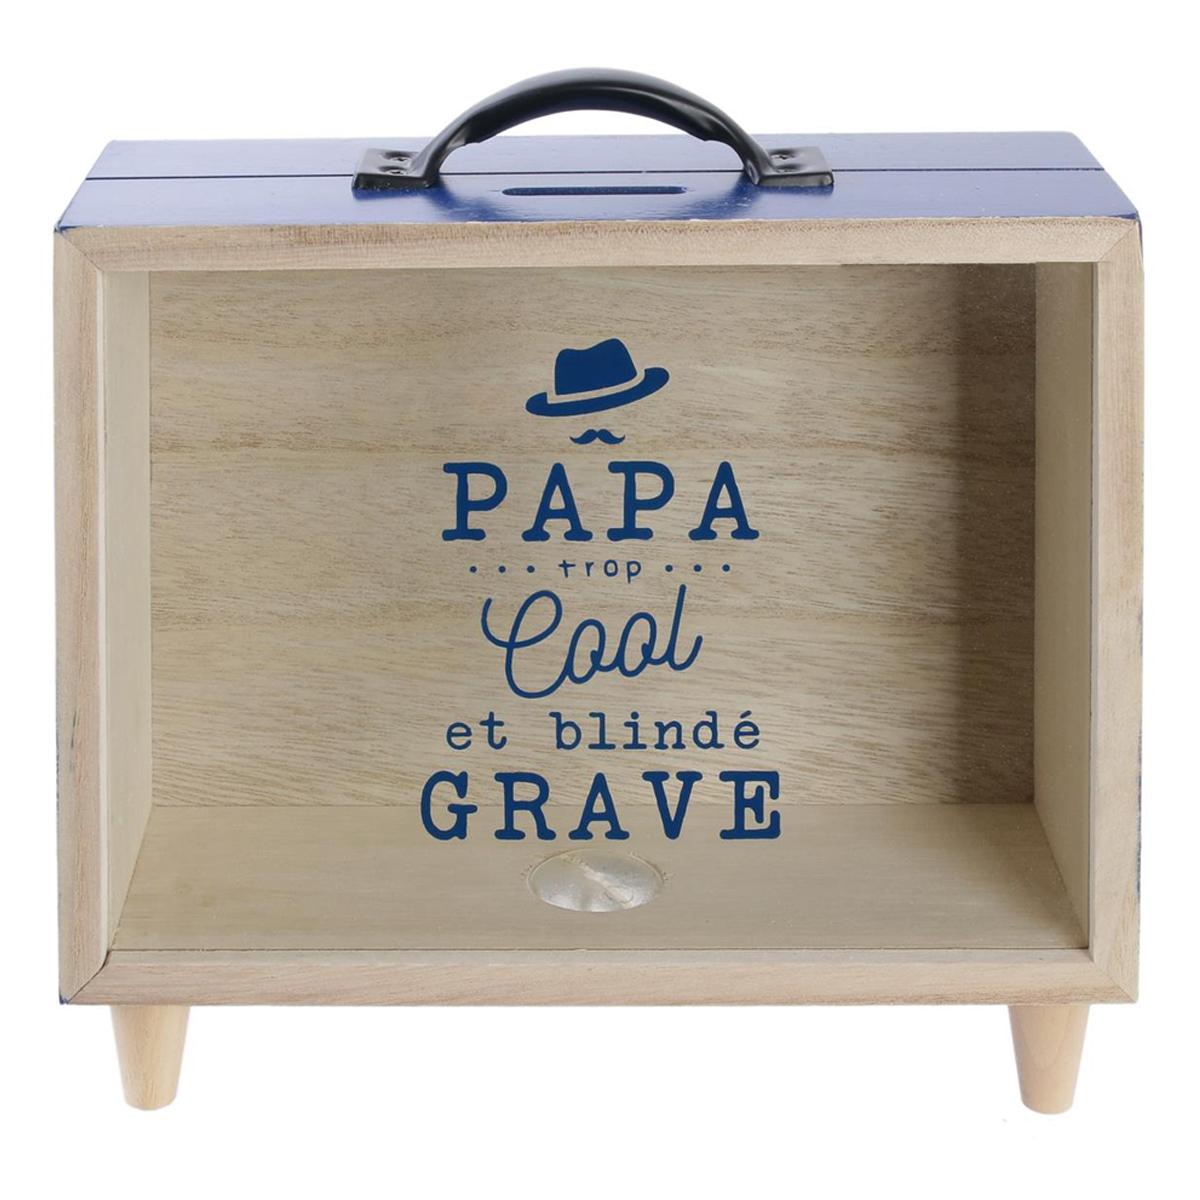 Tirelire valise bois \'Papa\' bleu beige (Papa trop cool et blindé grave) - 21x20x7 cm - [Q7745]